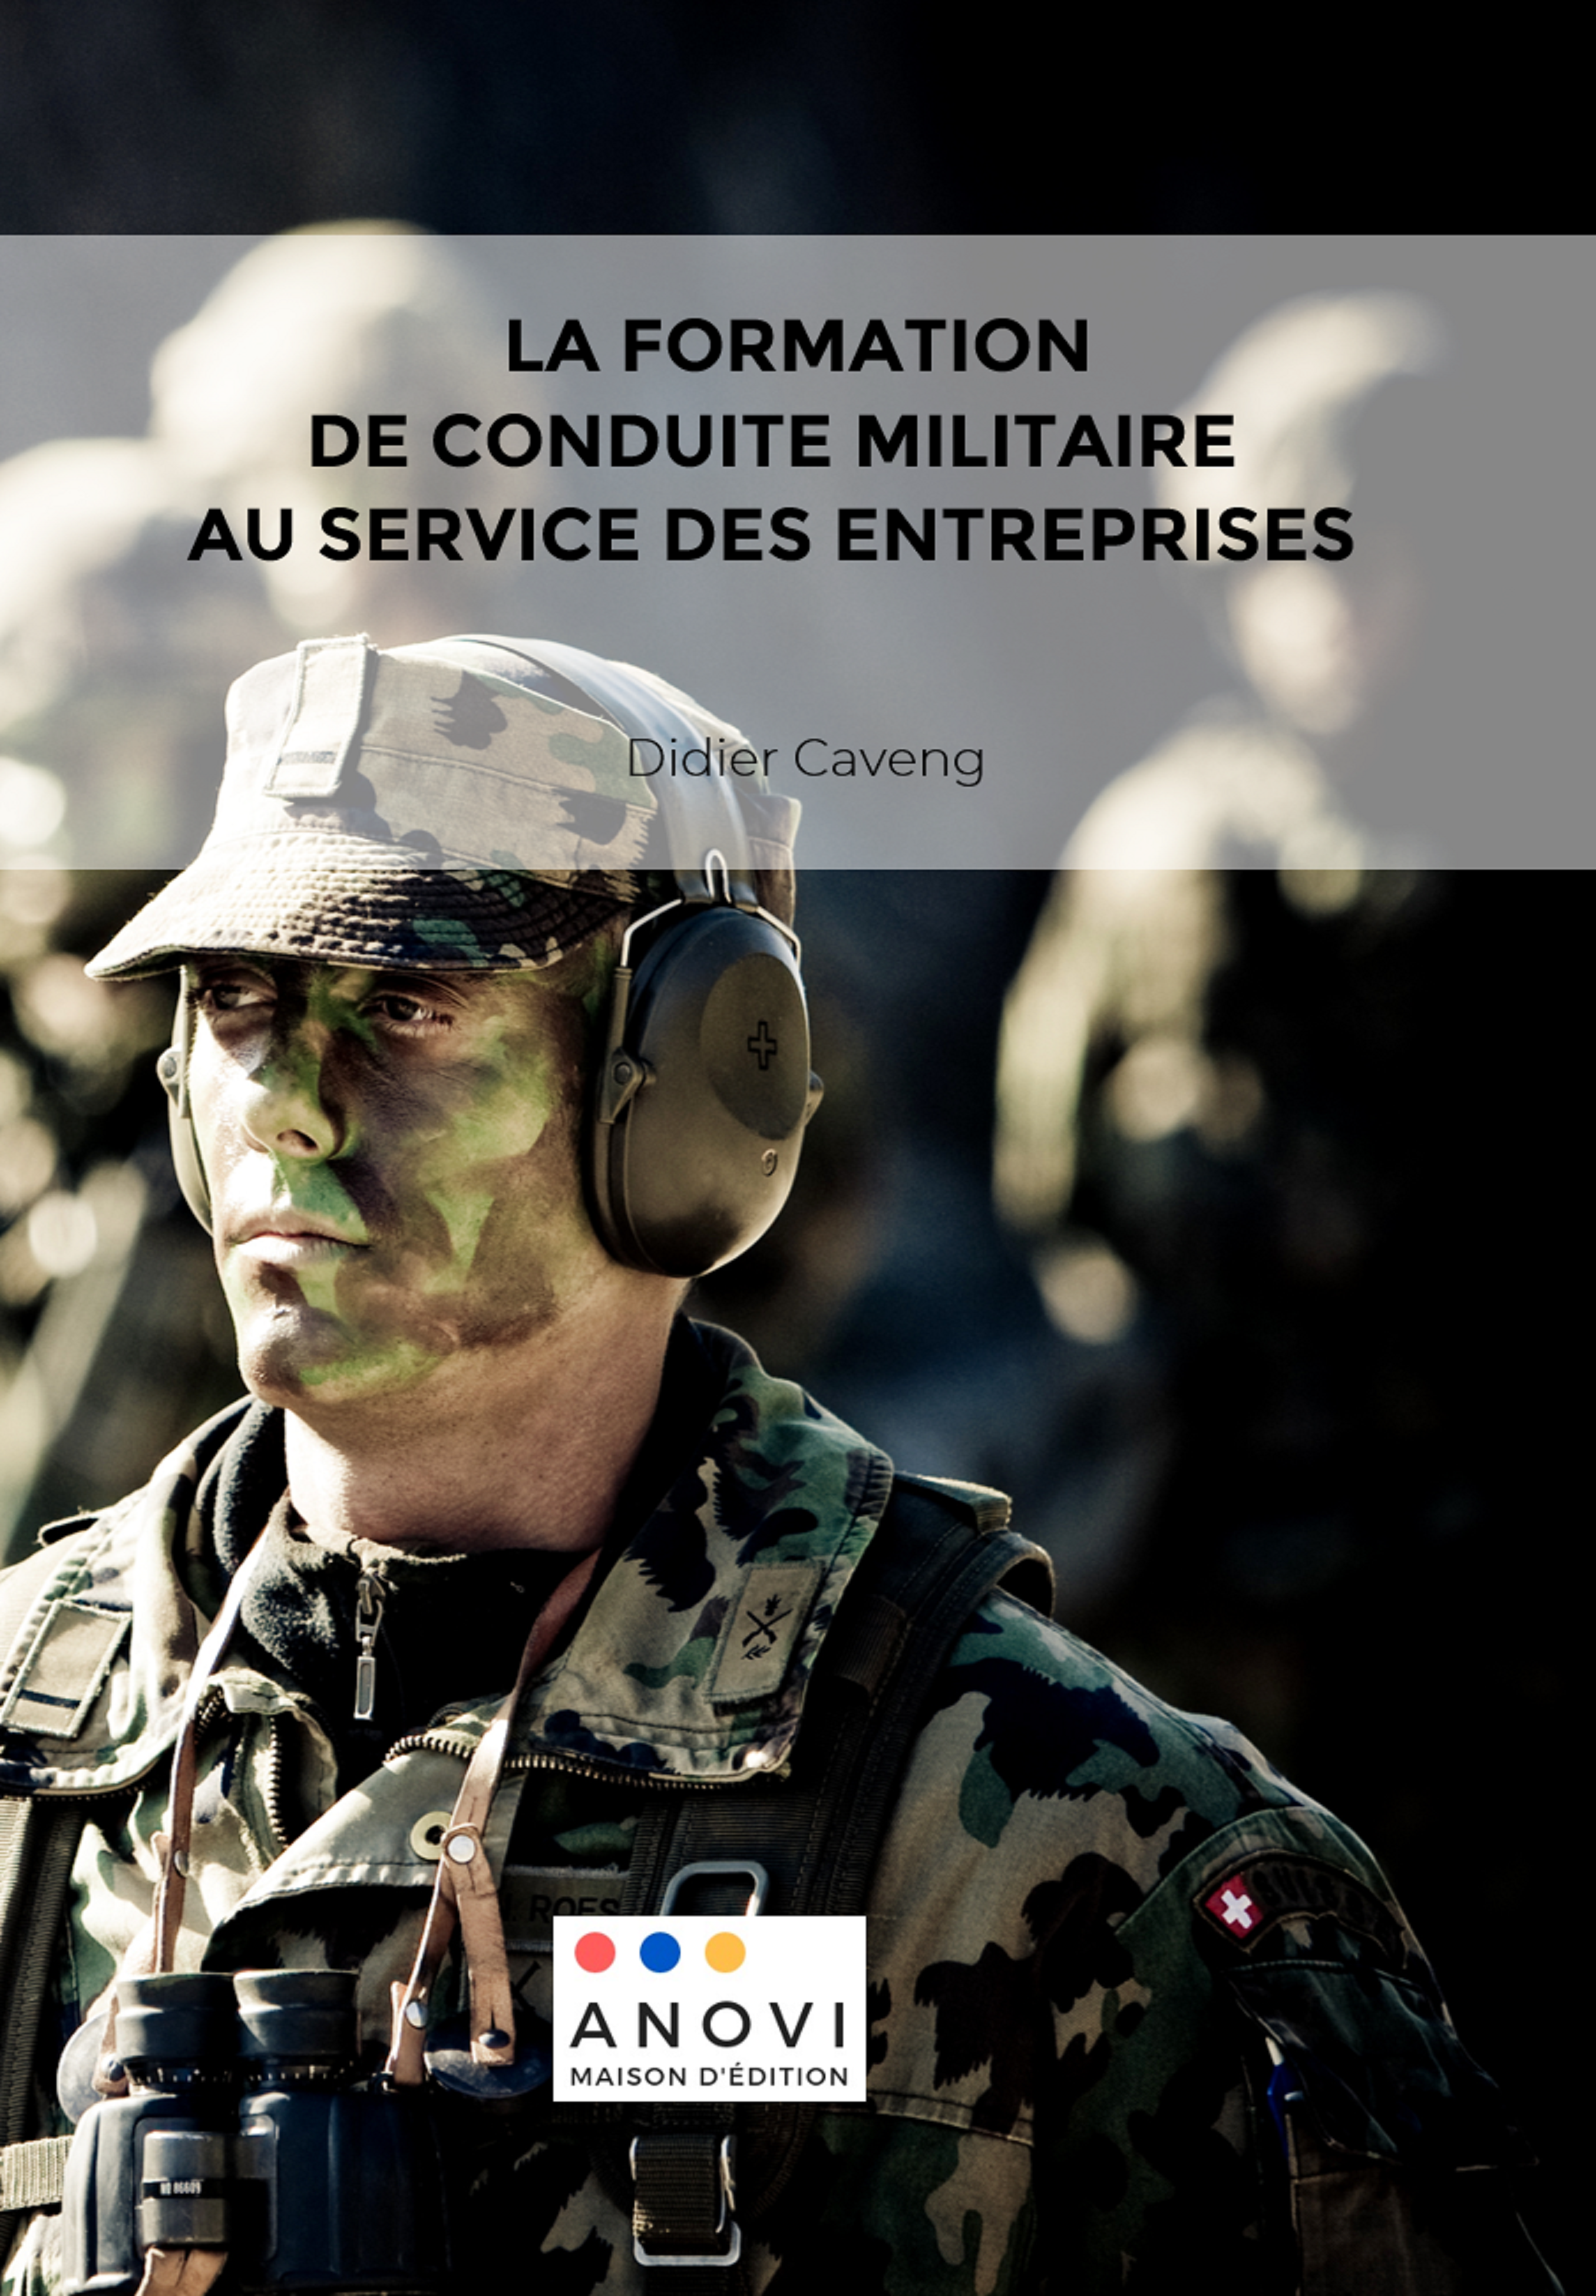 La formation de conduite militaire au service des entreprises Image